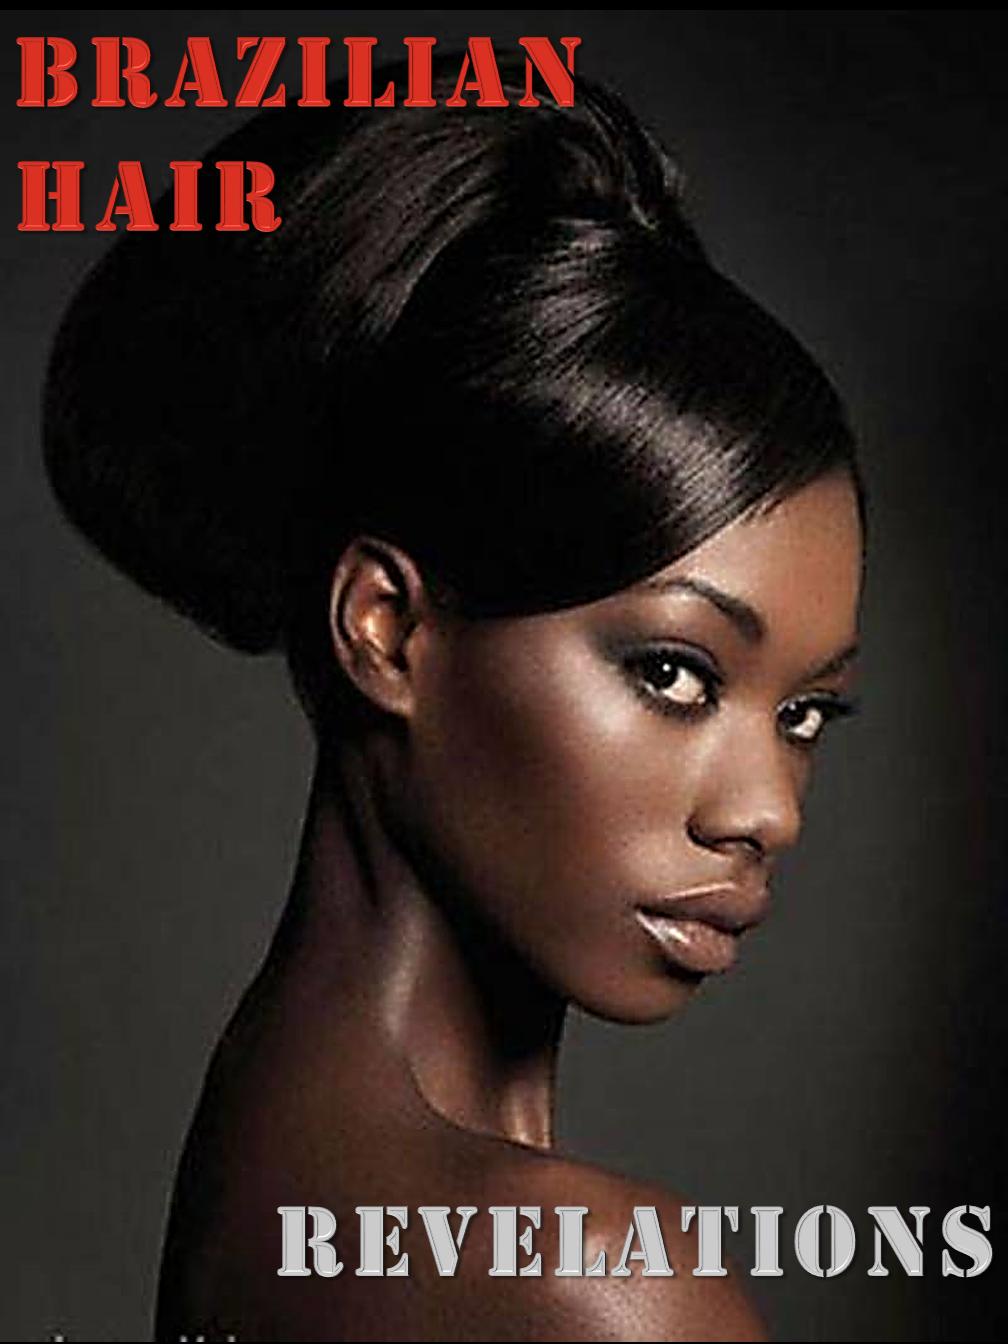 Brazilian Hair-REVELATIONS